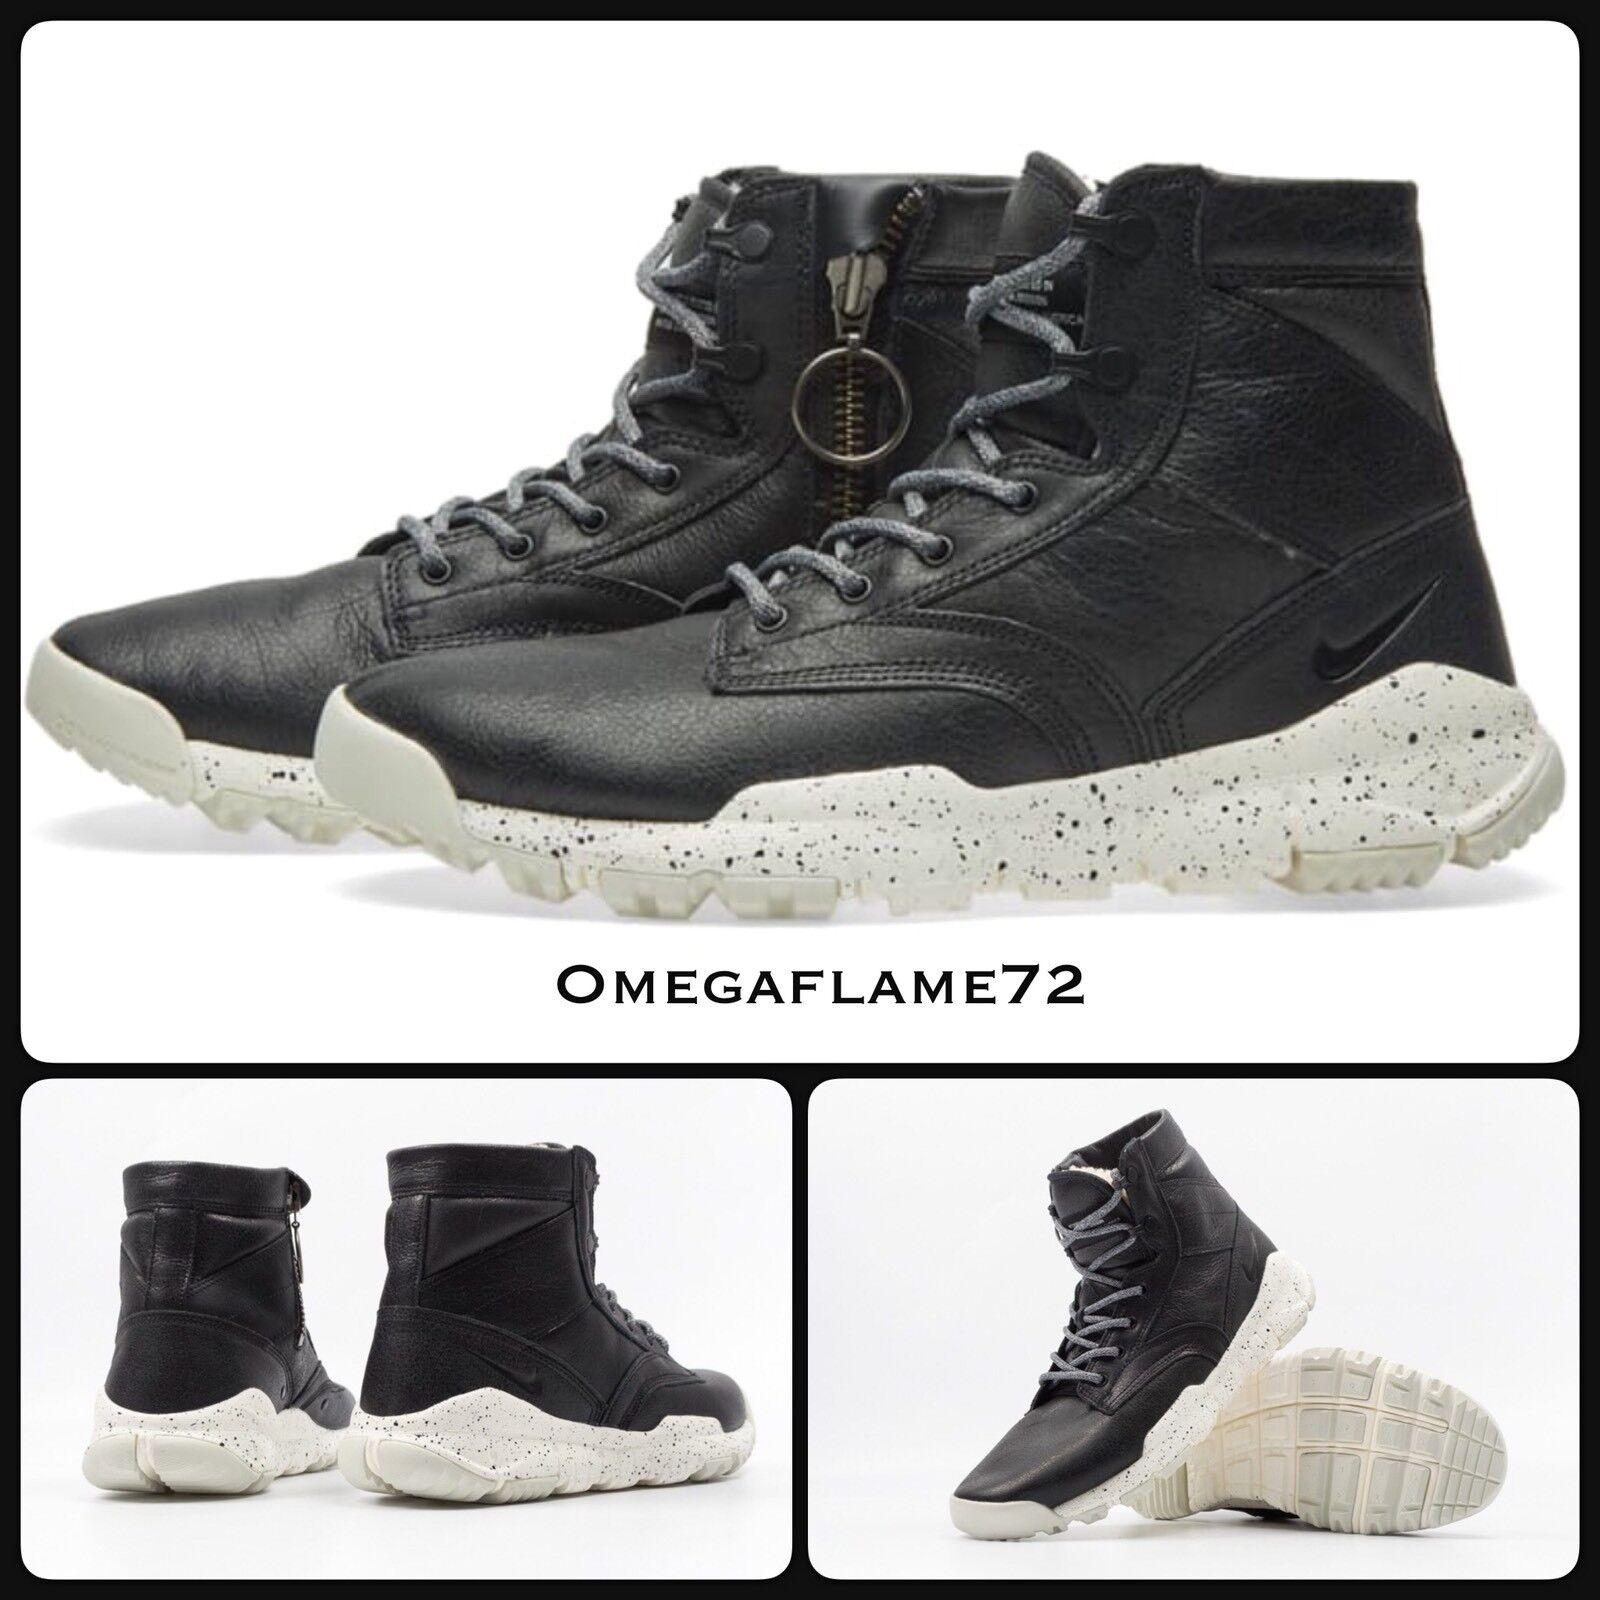 Nike SFB 6 NSW Bomber Negro Cuero 862506001 Reino la Unido 8.5, 43 de la Reino UE, EE. UU. 9.5 ACG cc8cff